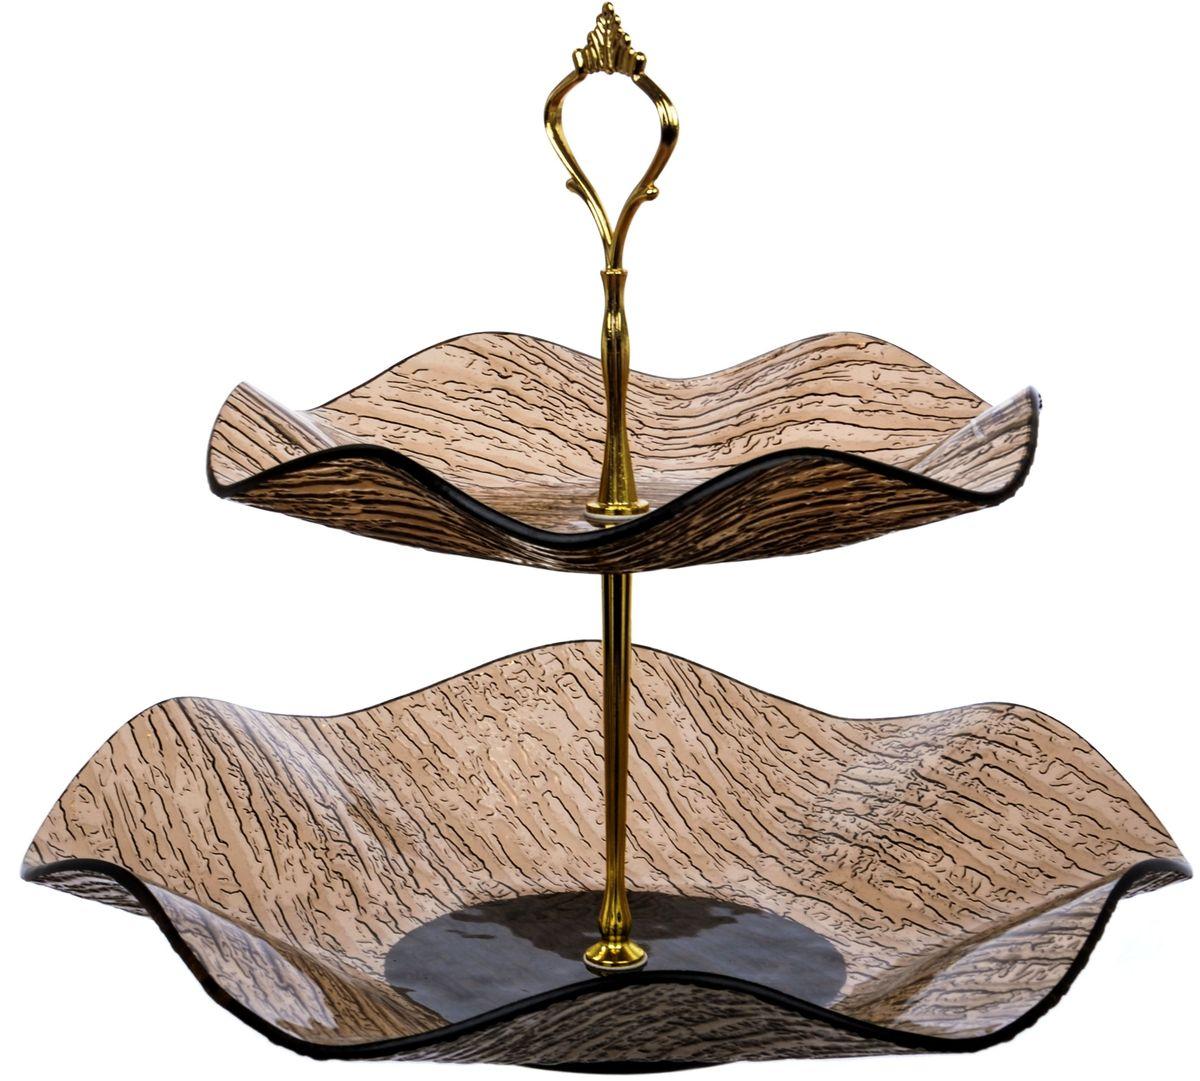 Этажерка 2-х ярусная Арт Дон ВодопадAD10-89VBПосуду в бесцветном варианте и в бронзе можно мыть в ПММ. Допускается использование в СВЧ. Рекомендуется избегать любого механического воздействия на стекло во избежание его крушения. Узорчатое стекло изготавливается методом его нагрева и проката по твердому основанию, которое имеет заданный рельеф. При остывании такого стекла получается изделие, наделенное рельефным узором. Для такой обработки подходит окрашенное в массе, осветленное или обыкновенное стекло. На выходе мы получаем безопасную посуду из моллированного (изогнутого) узорчатого стекла, которая имеет рифленую поверхность снаружи и гладкую внутри. Наличие множества граней преломляет свет, из-за чего посуда выглядит ярко, необычно, оригинально.